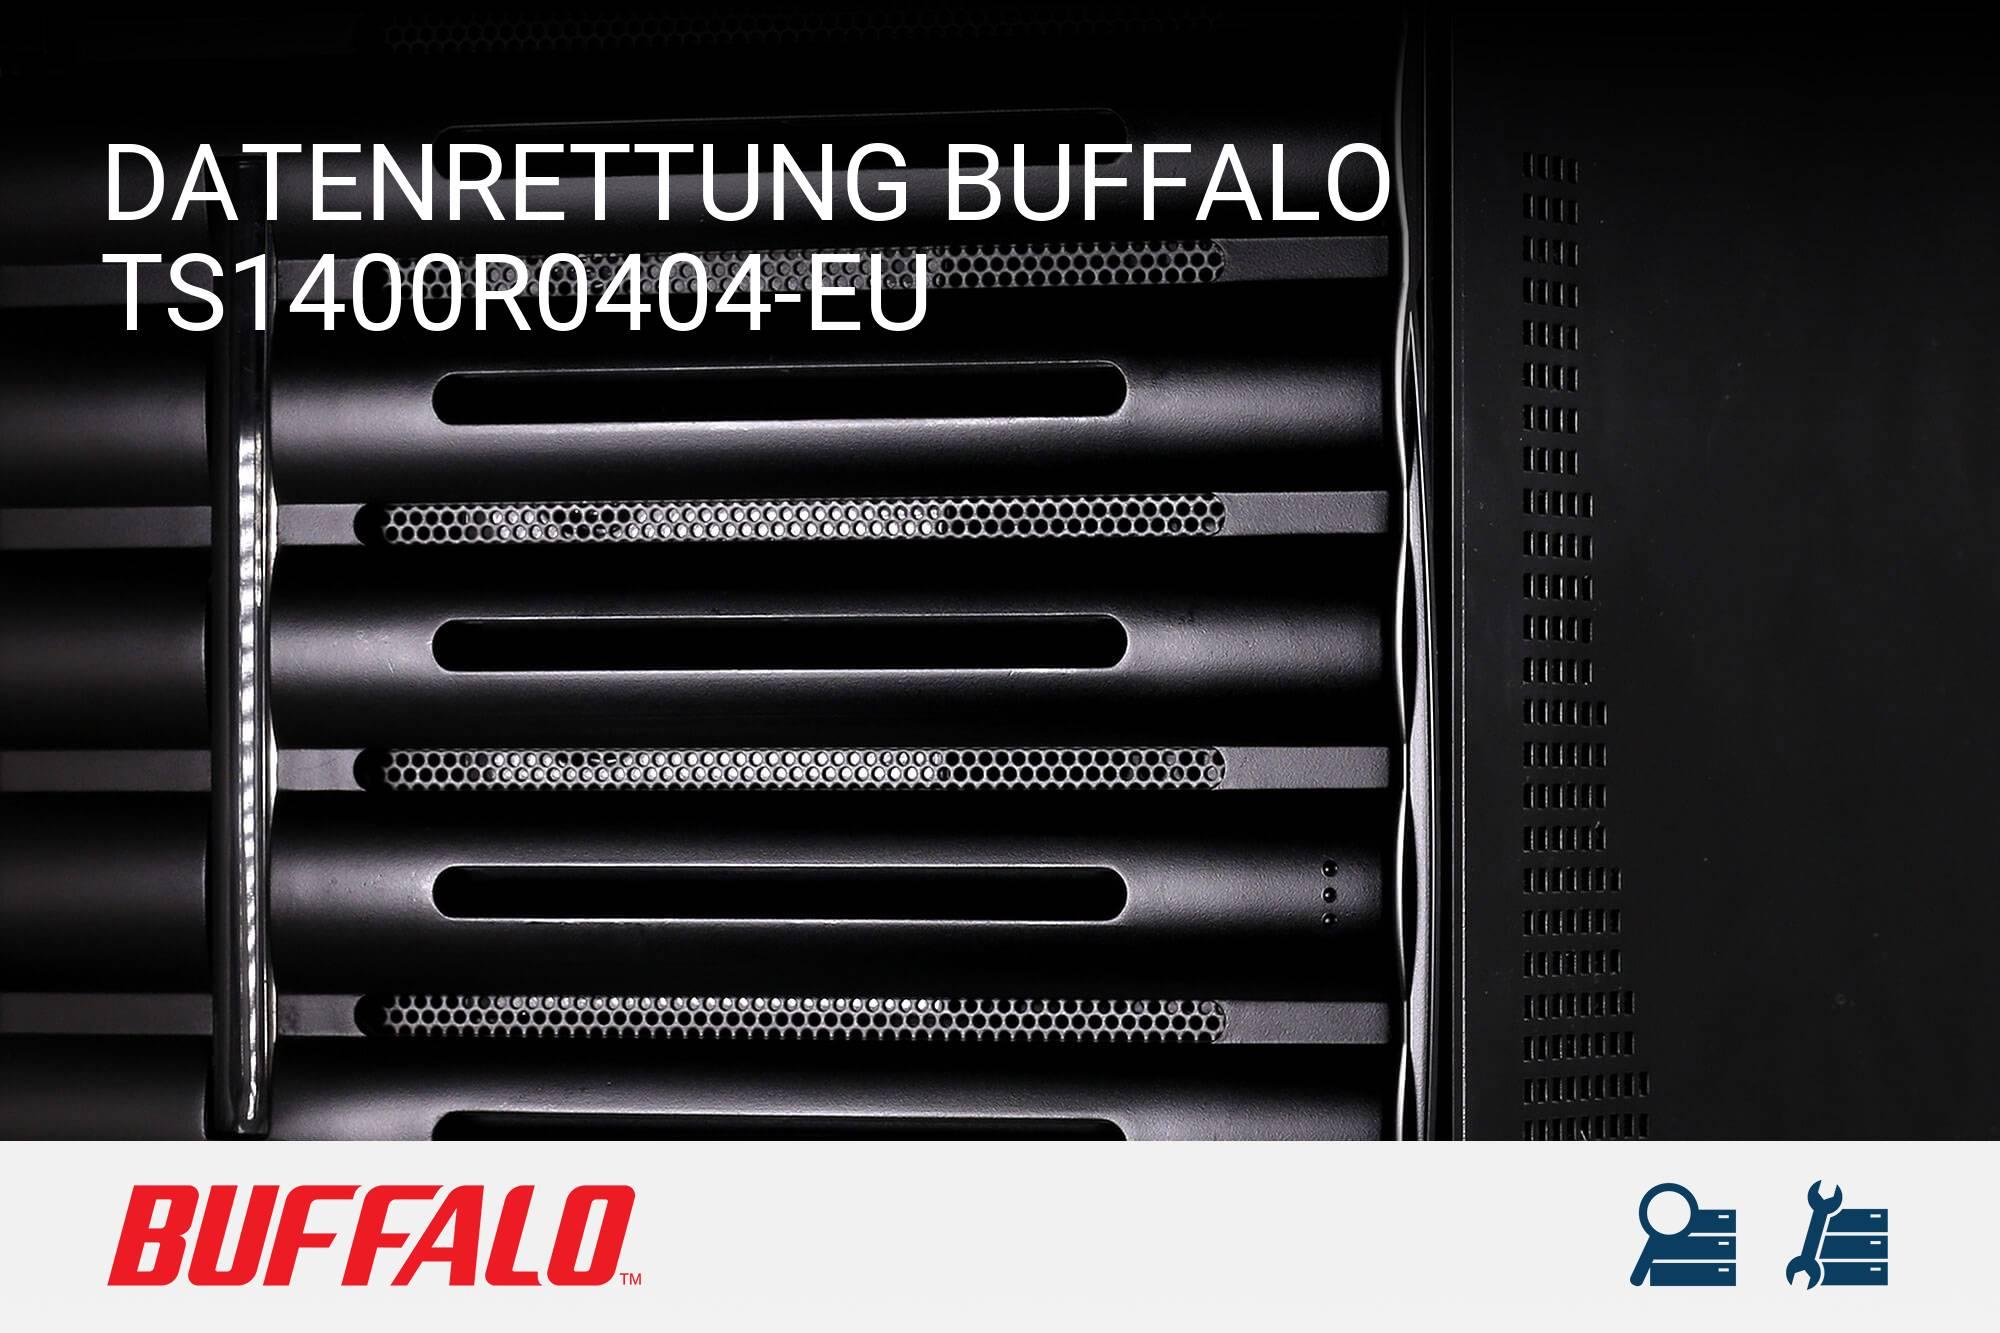 Buffalo TS1400R0404-EU